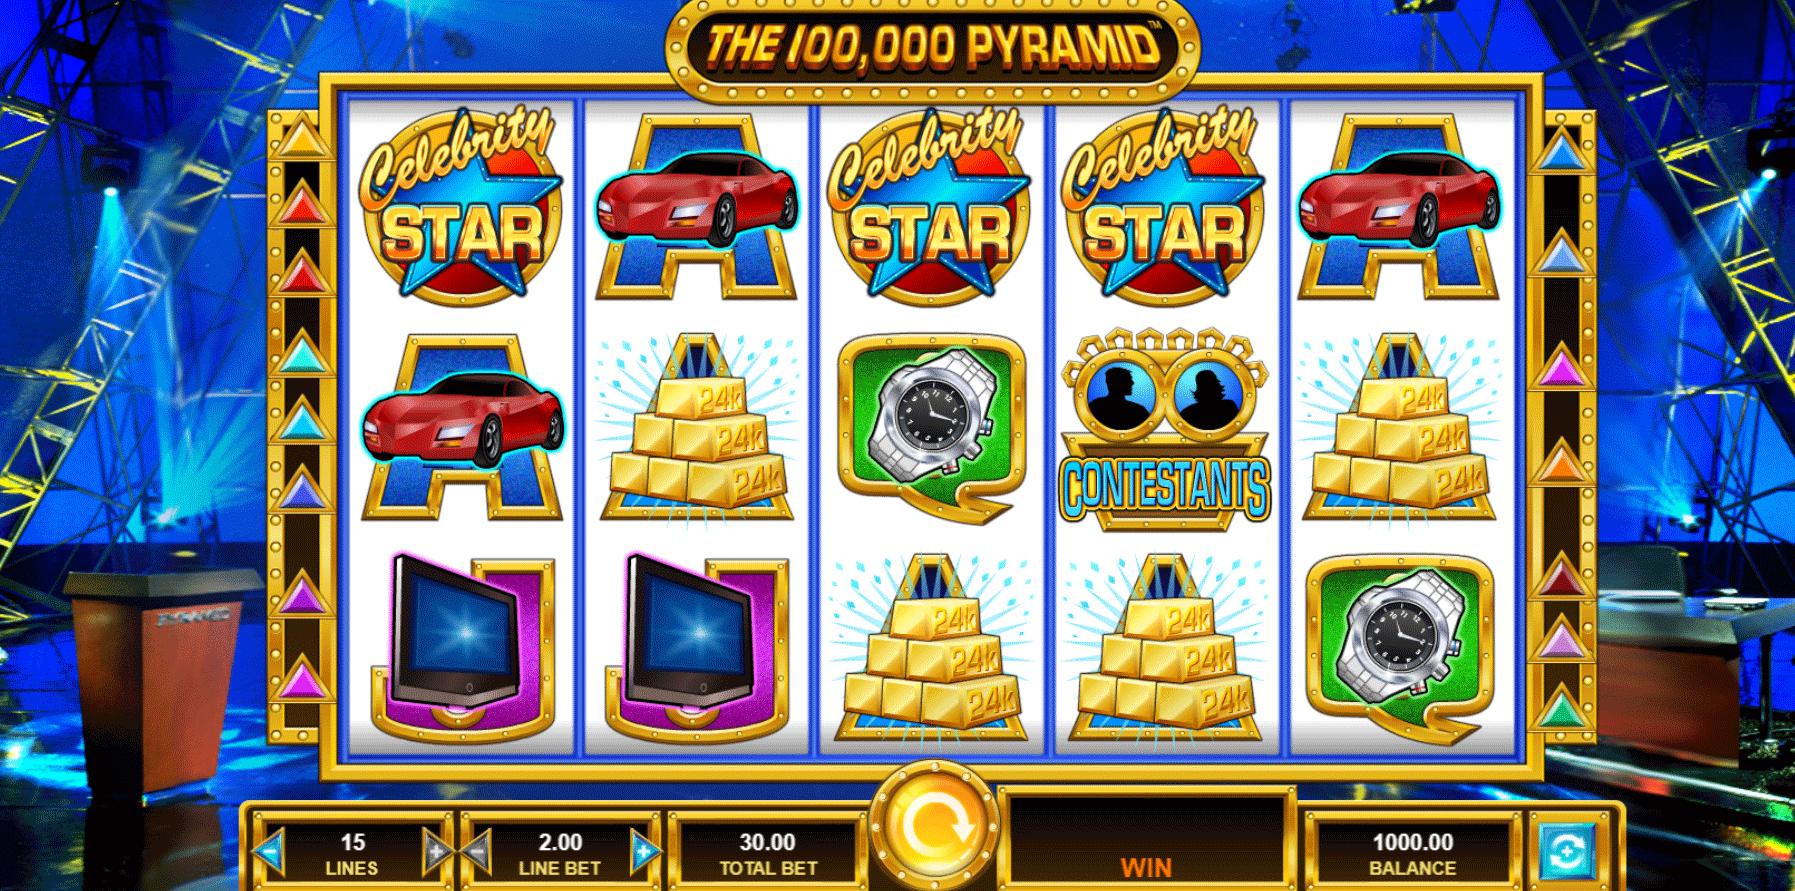 Slot The 100,000 Pyramid